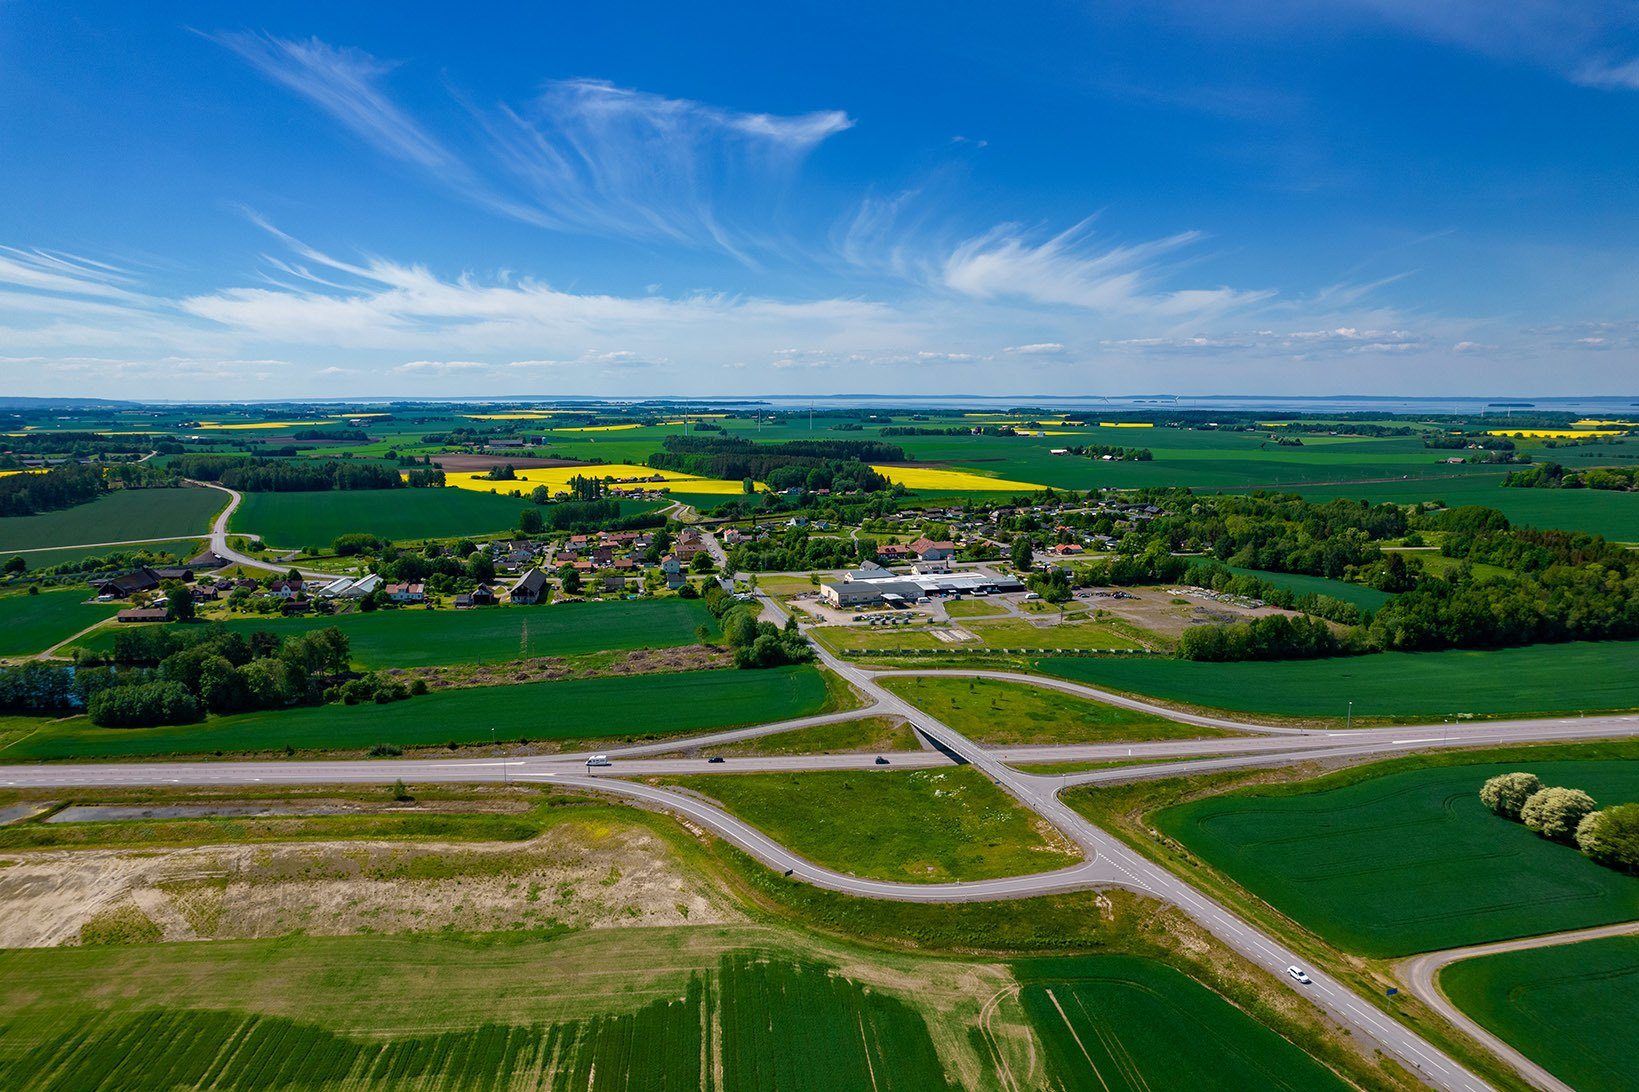 Drönarbild över ett slättlandskap, sommartid med gula rapsfält och väldigt blå himmel